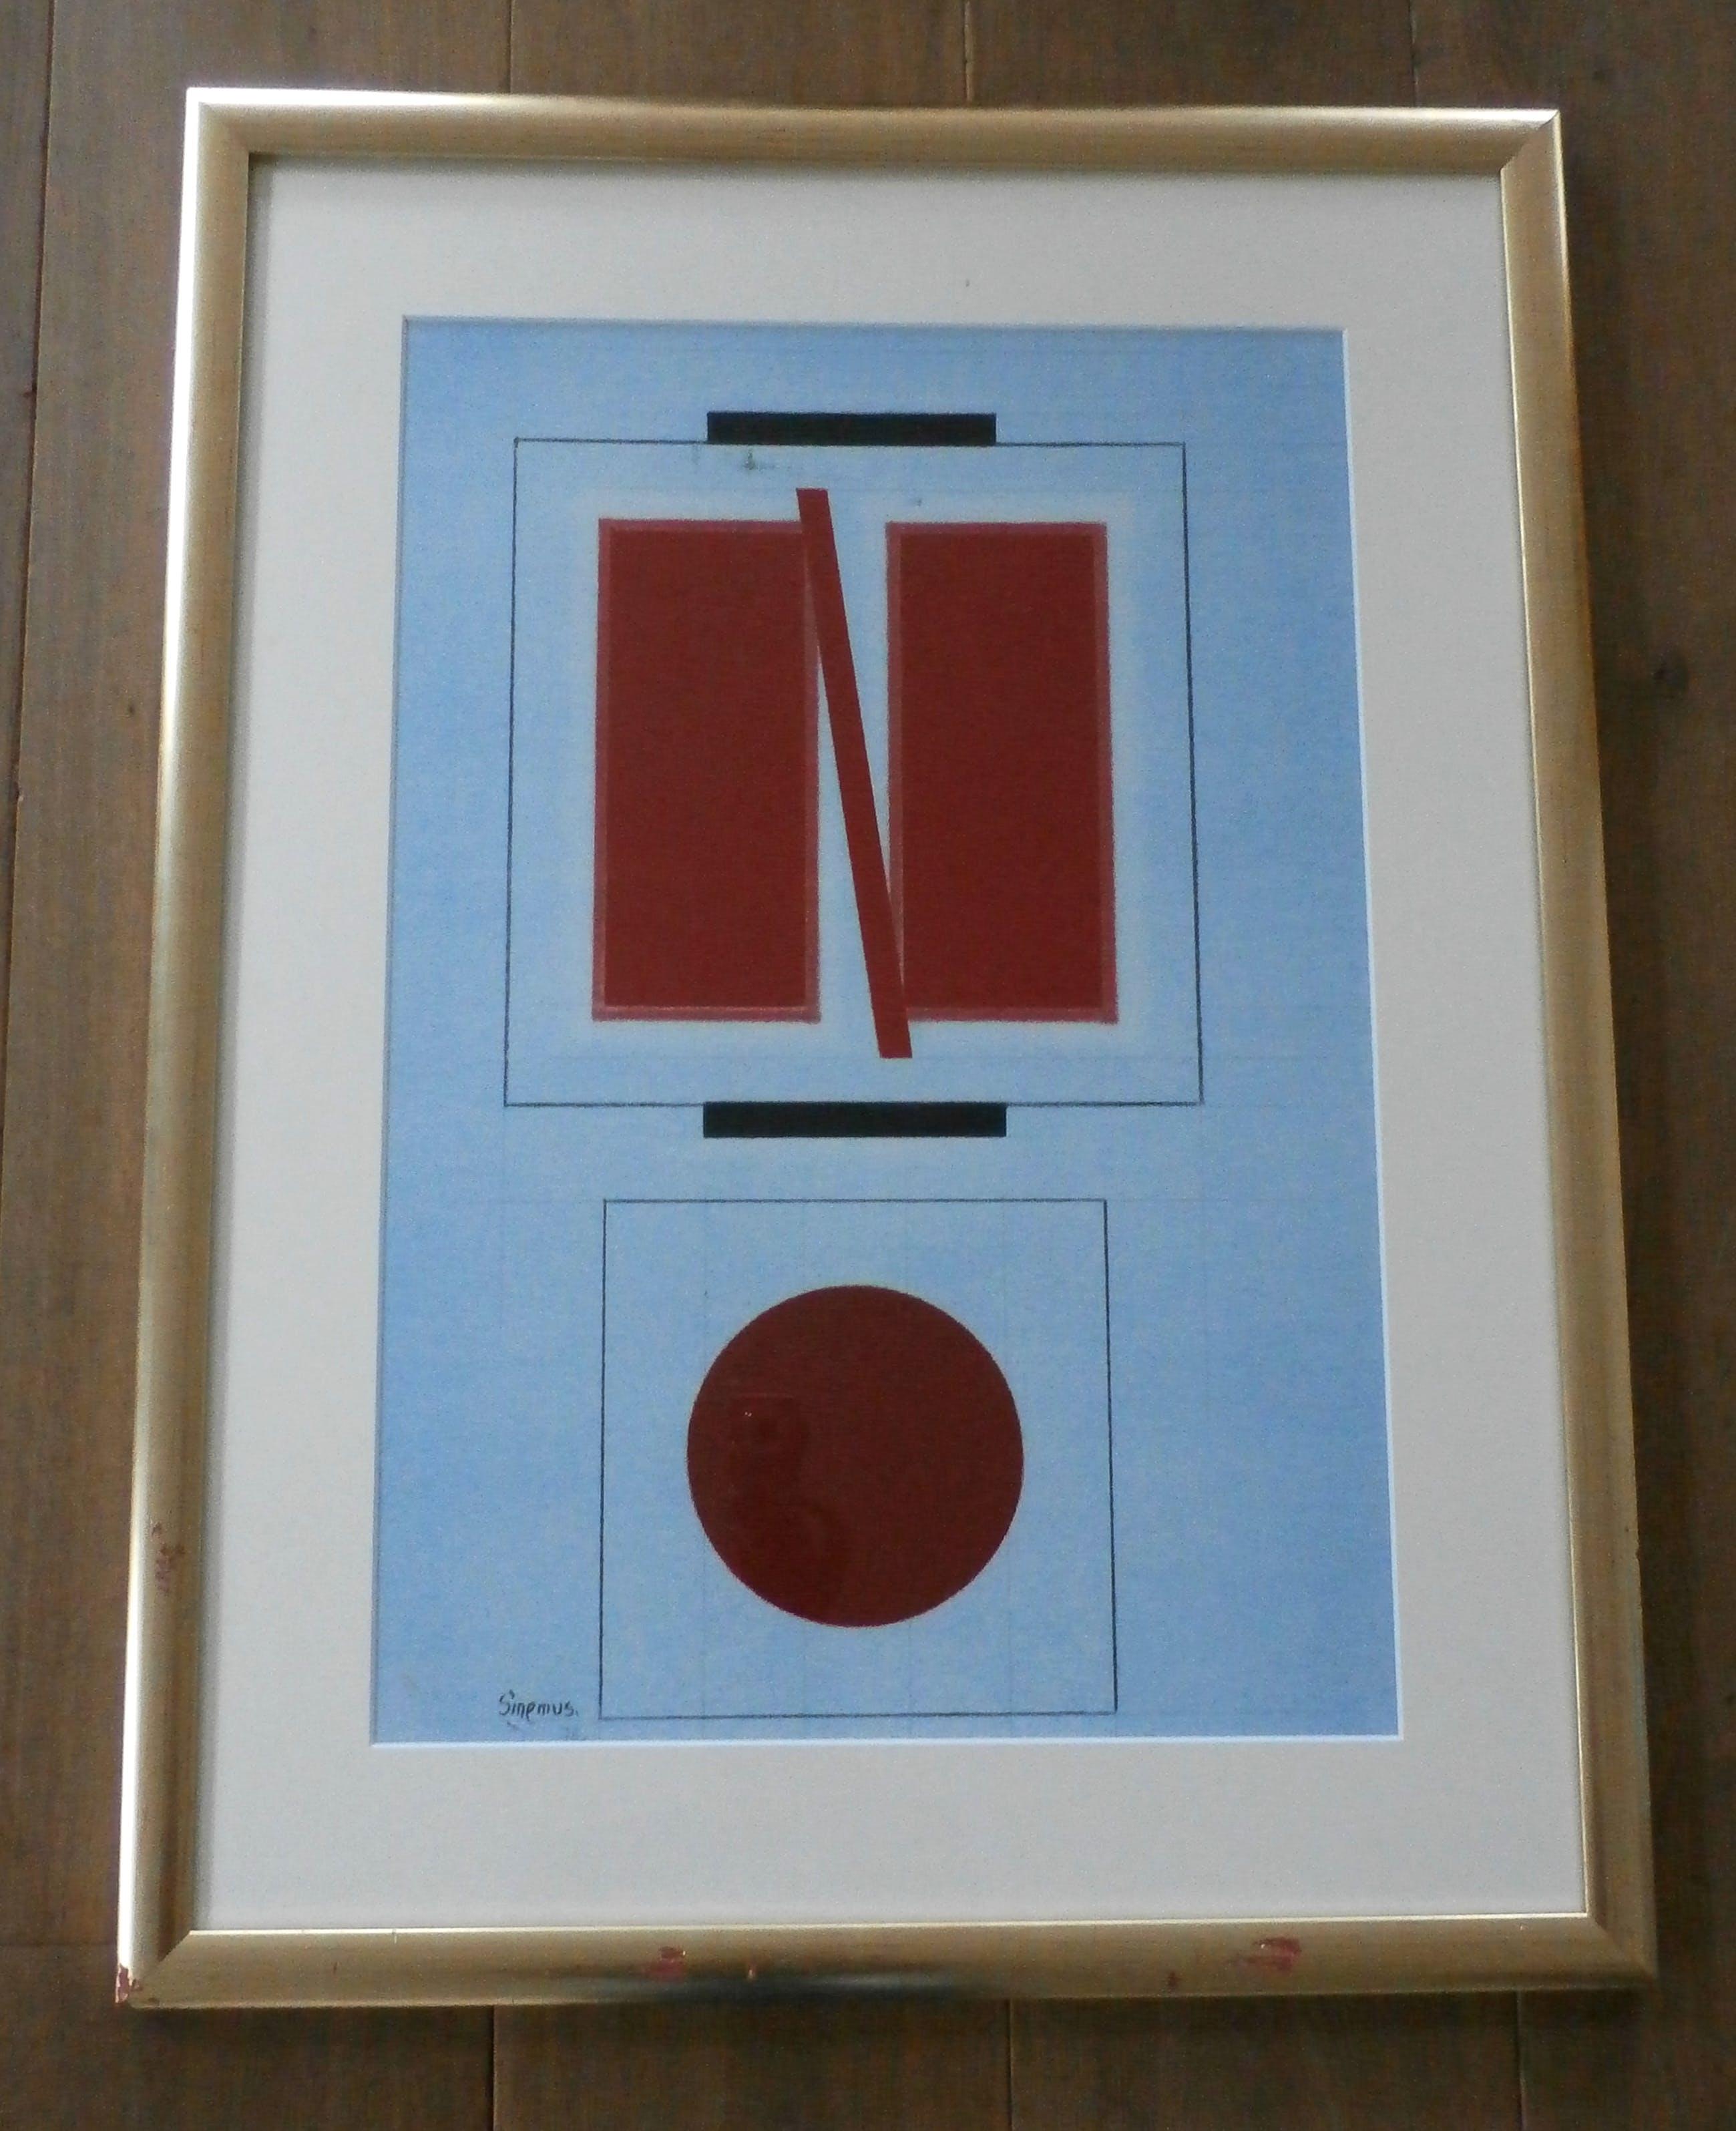 Wim Sinemus - ingelijste litho: geometrische compositie - 1976 kopen? Bied vanaf 275!